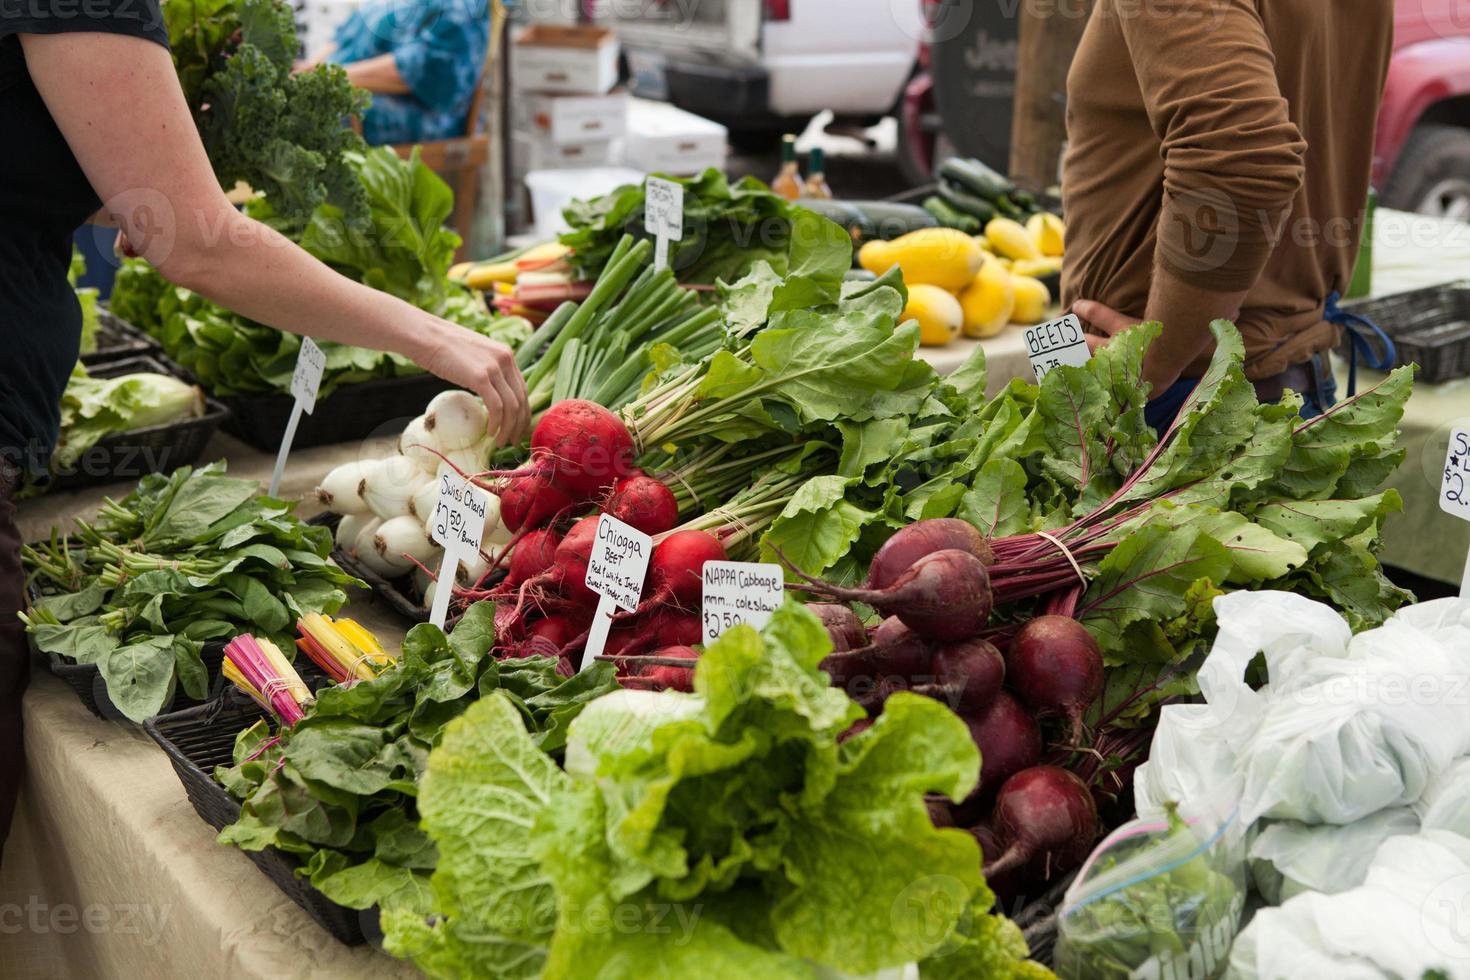 fare shopping nel mercato degli agricoltori locali. foto